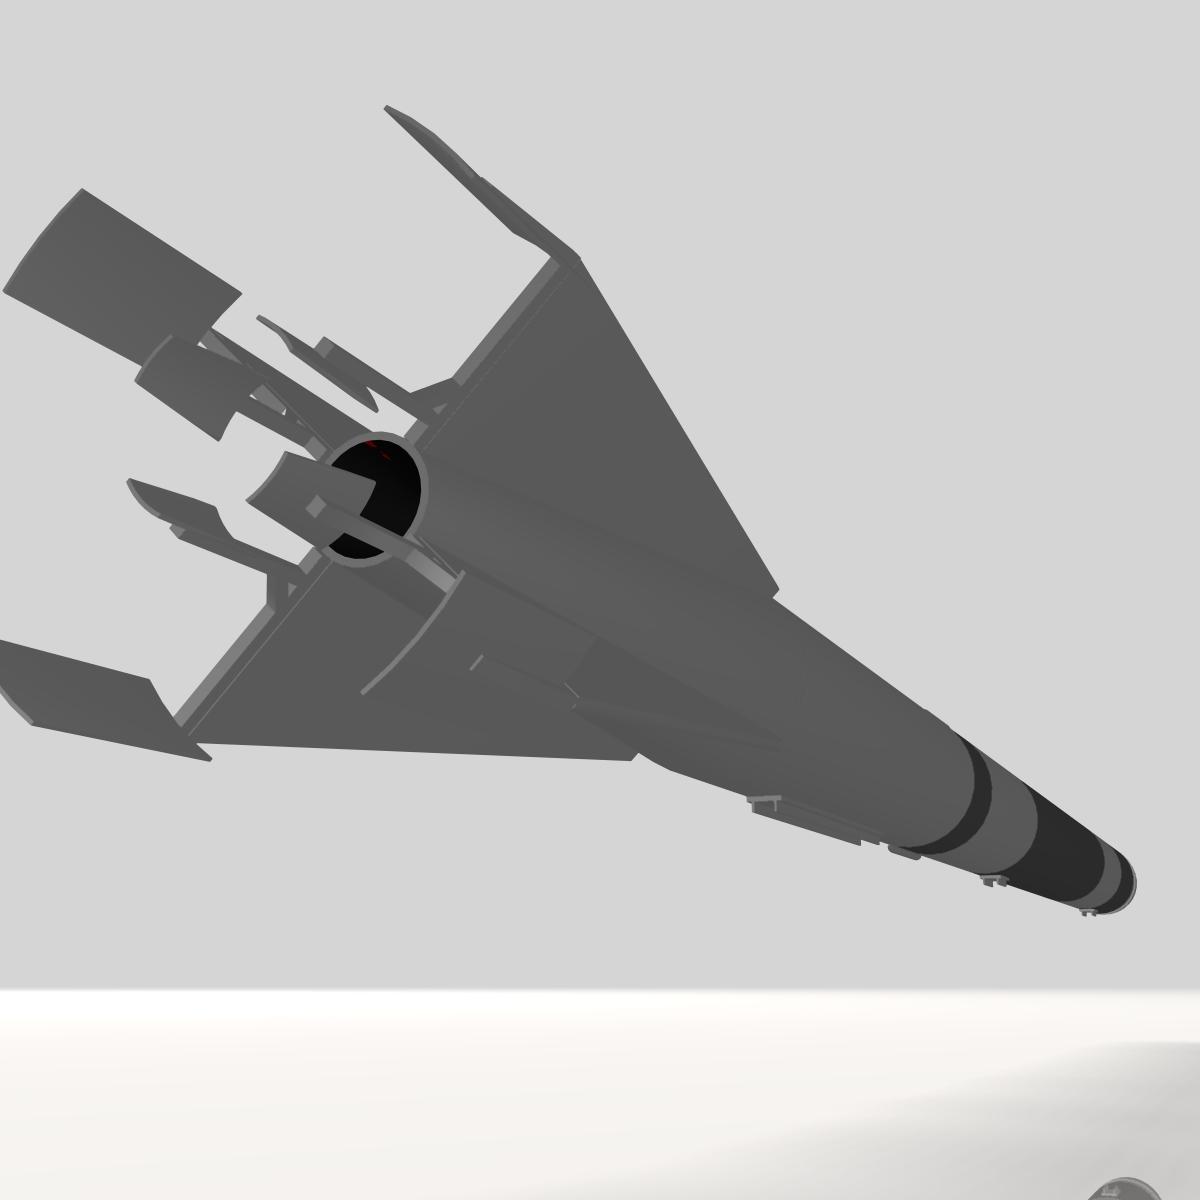 us l-13 rocket 3d model 3ds dxf cob x obj 140316